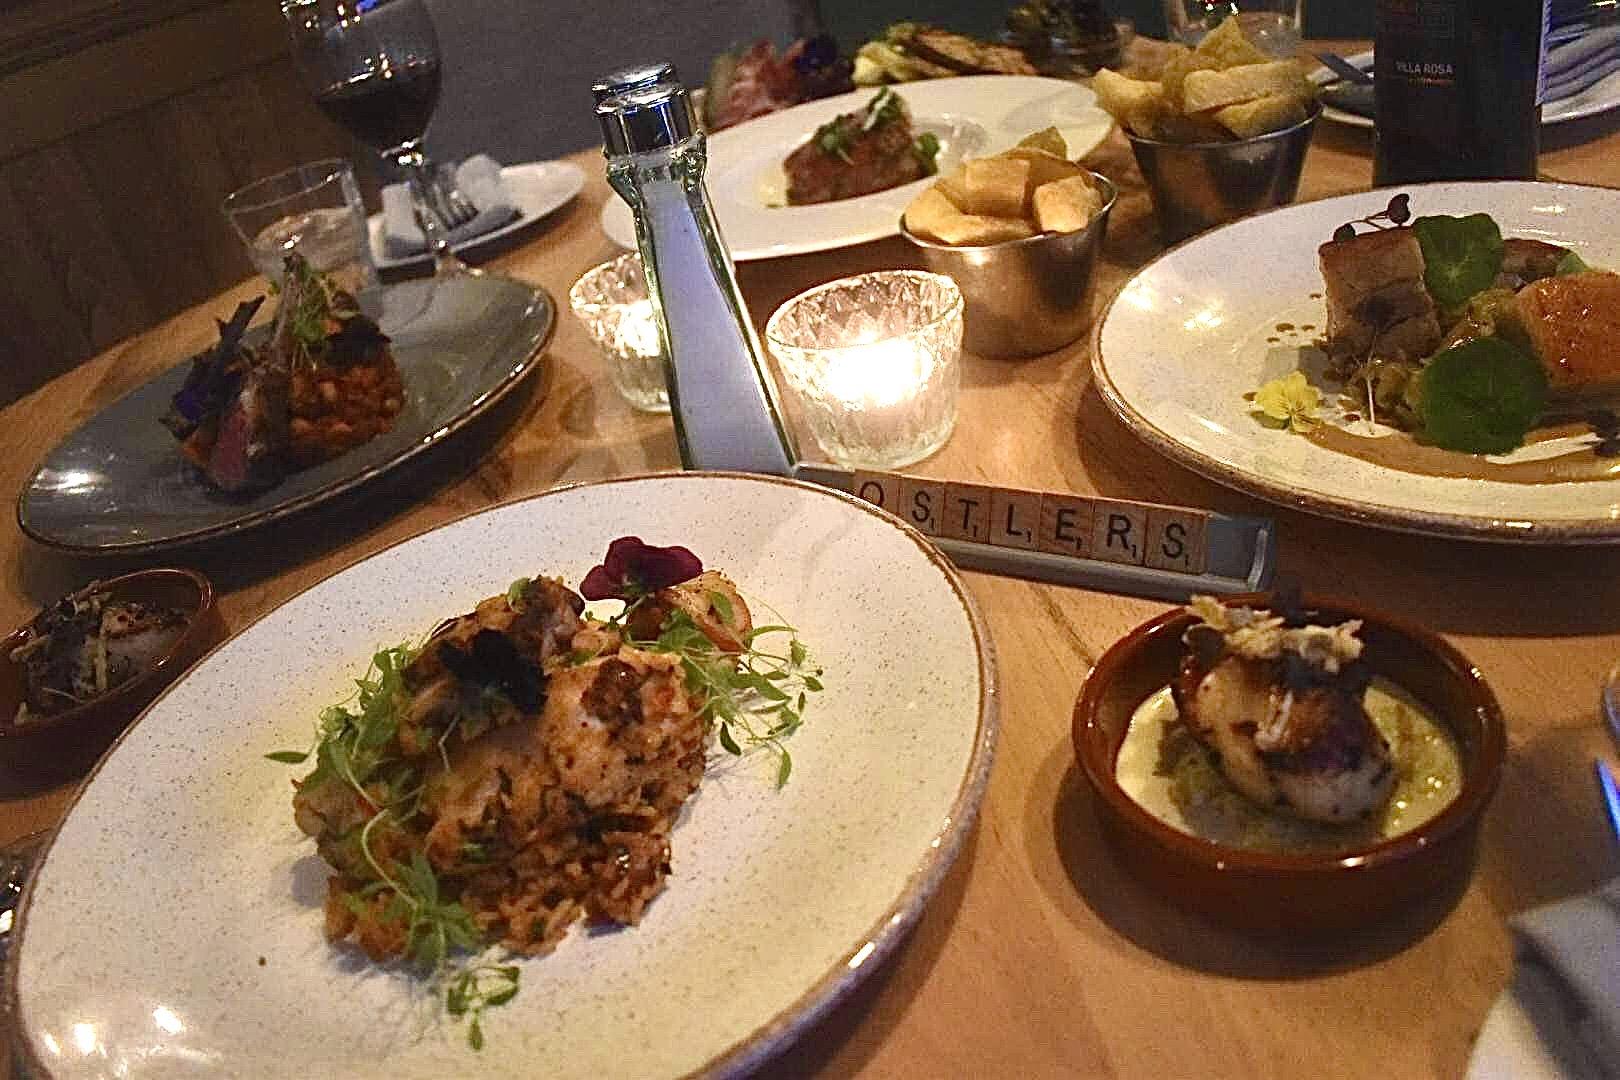 Ostlers - Food